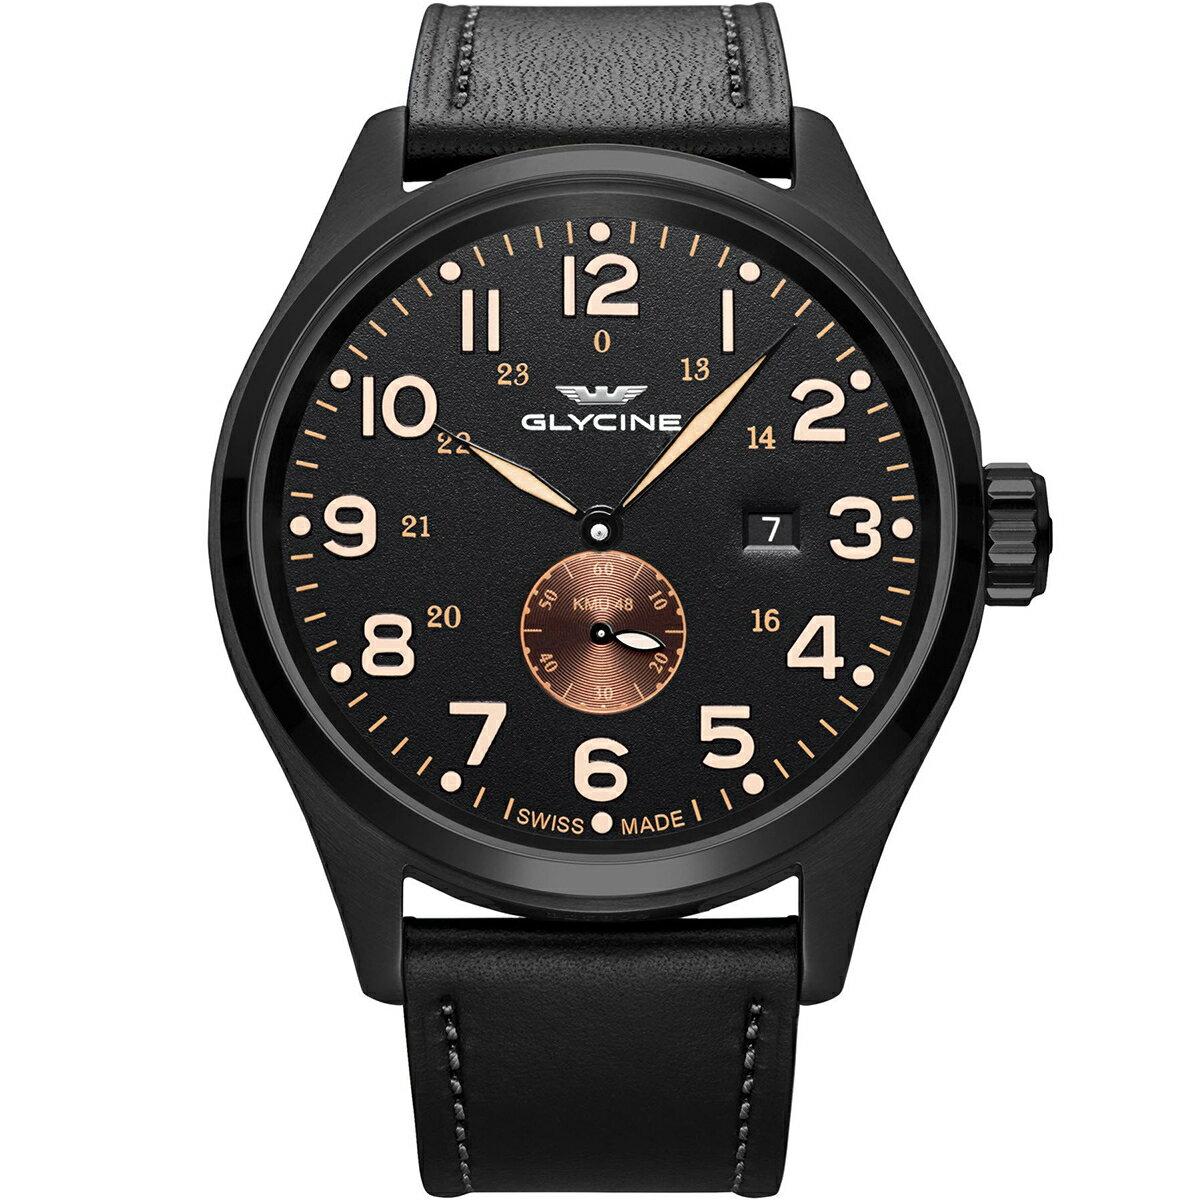 グライシン グリシン GLYCINE KMU GL0133 メンズ 時計 腕時計 自動巻き オートマチック スイス製 スイスメイド パイロット